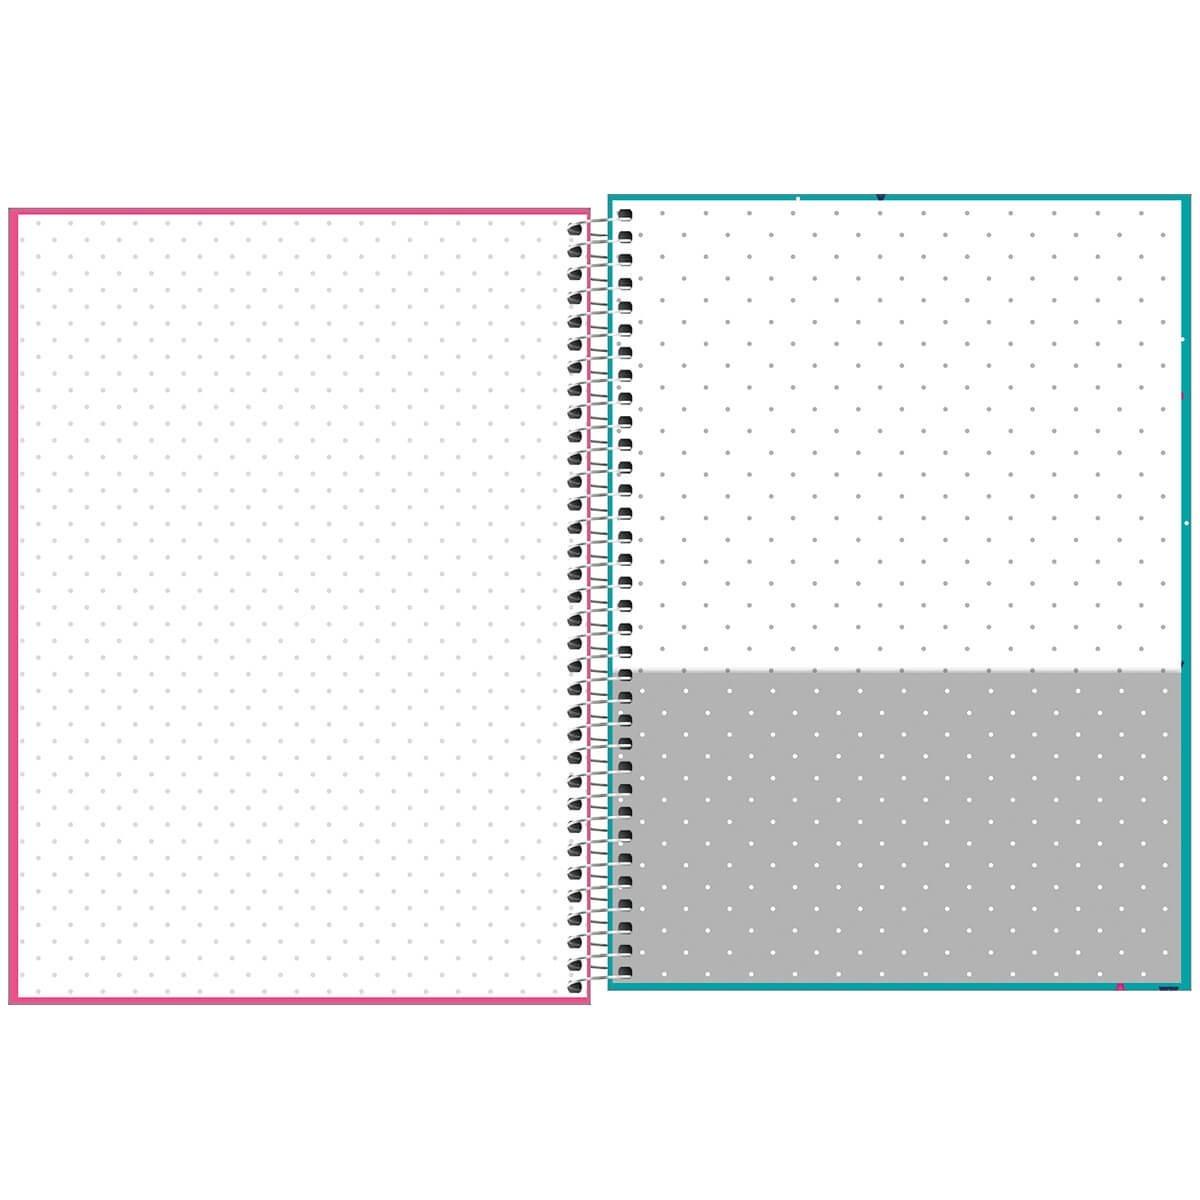 Caderno Espiral Capa Dura Universitário 12 Matérias Bichinhos 240 Fls - Tilibra